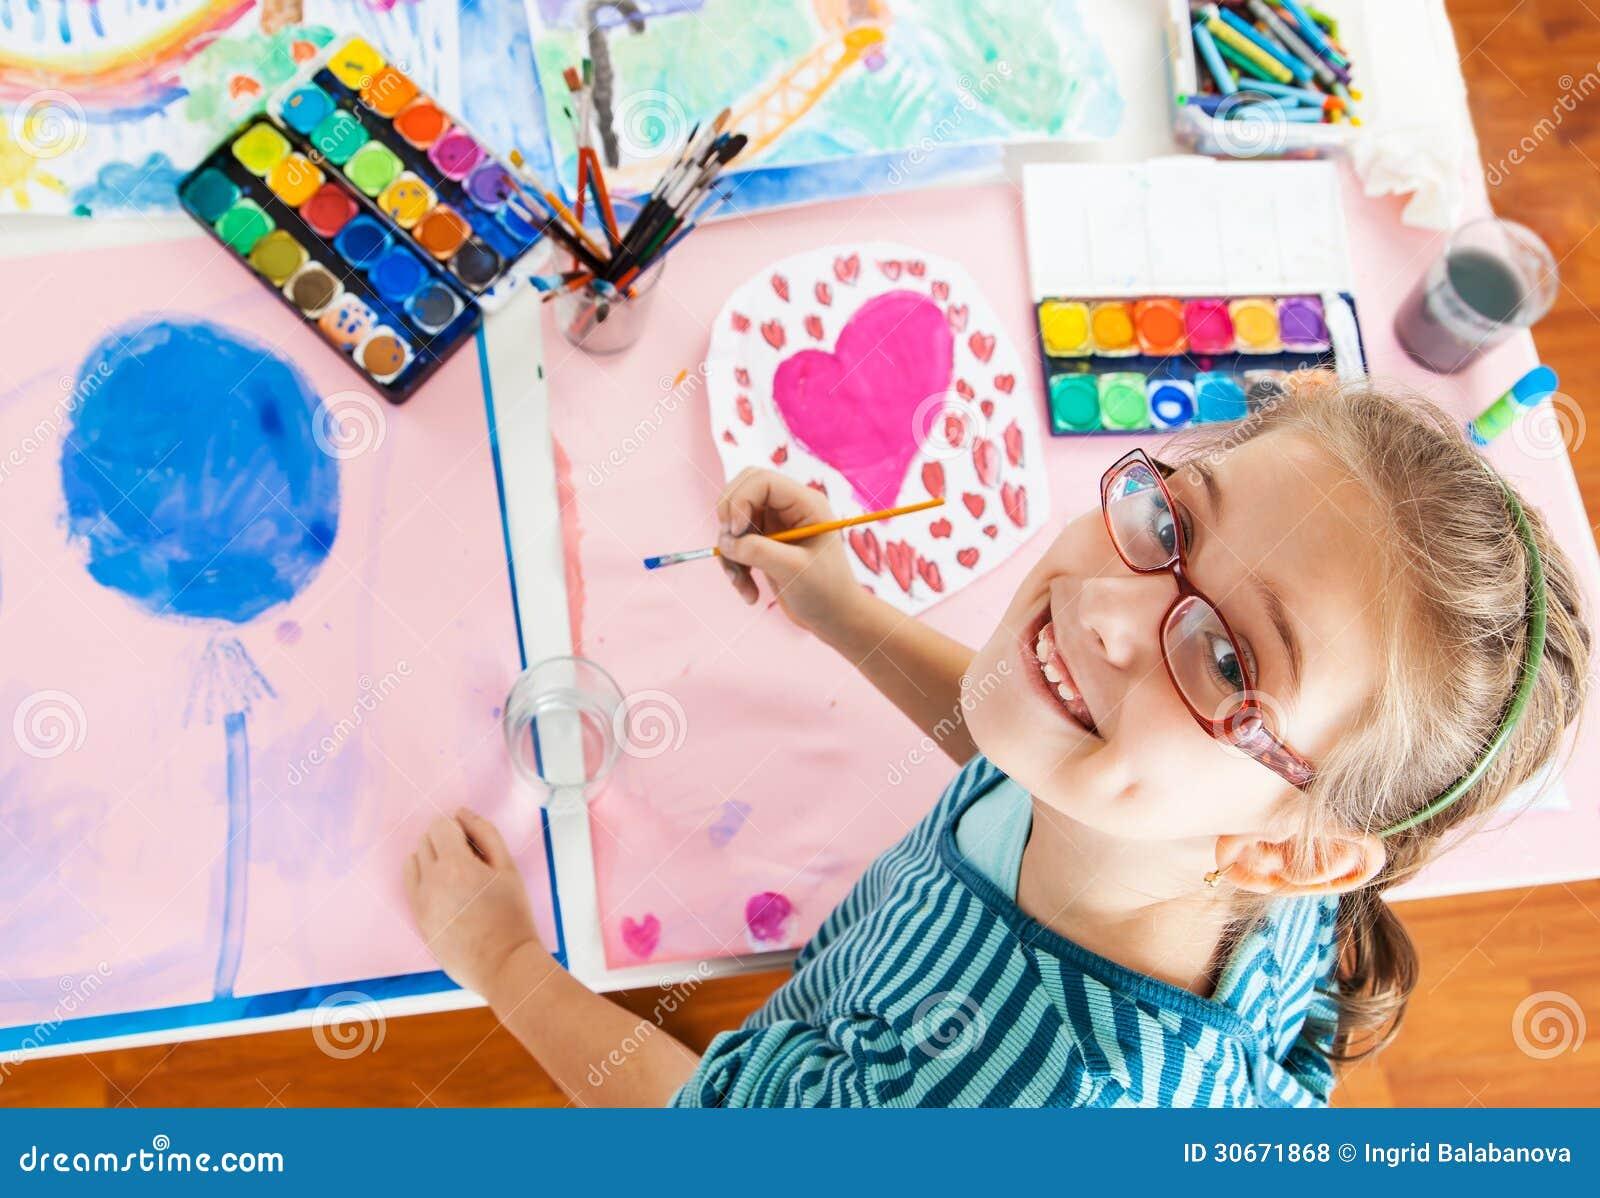 Картина школьницы